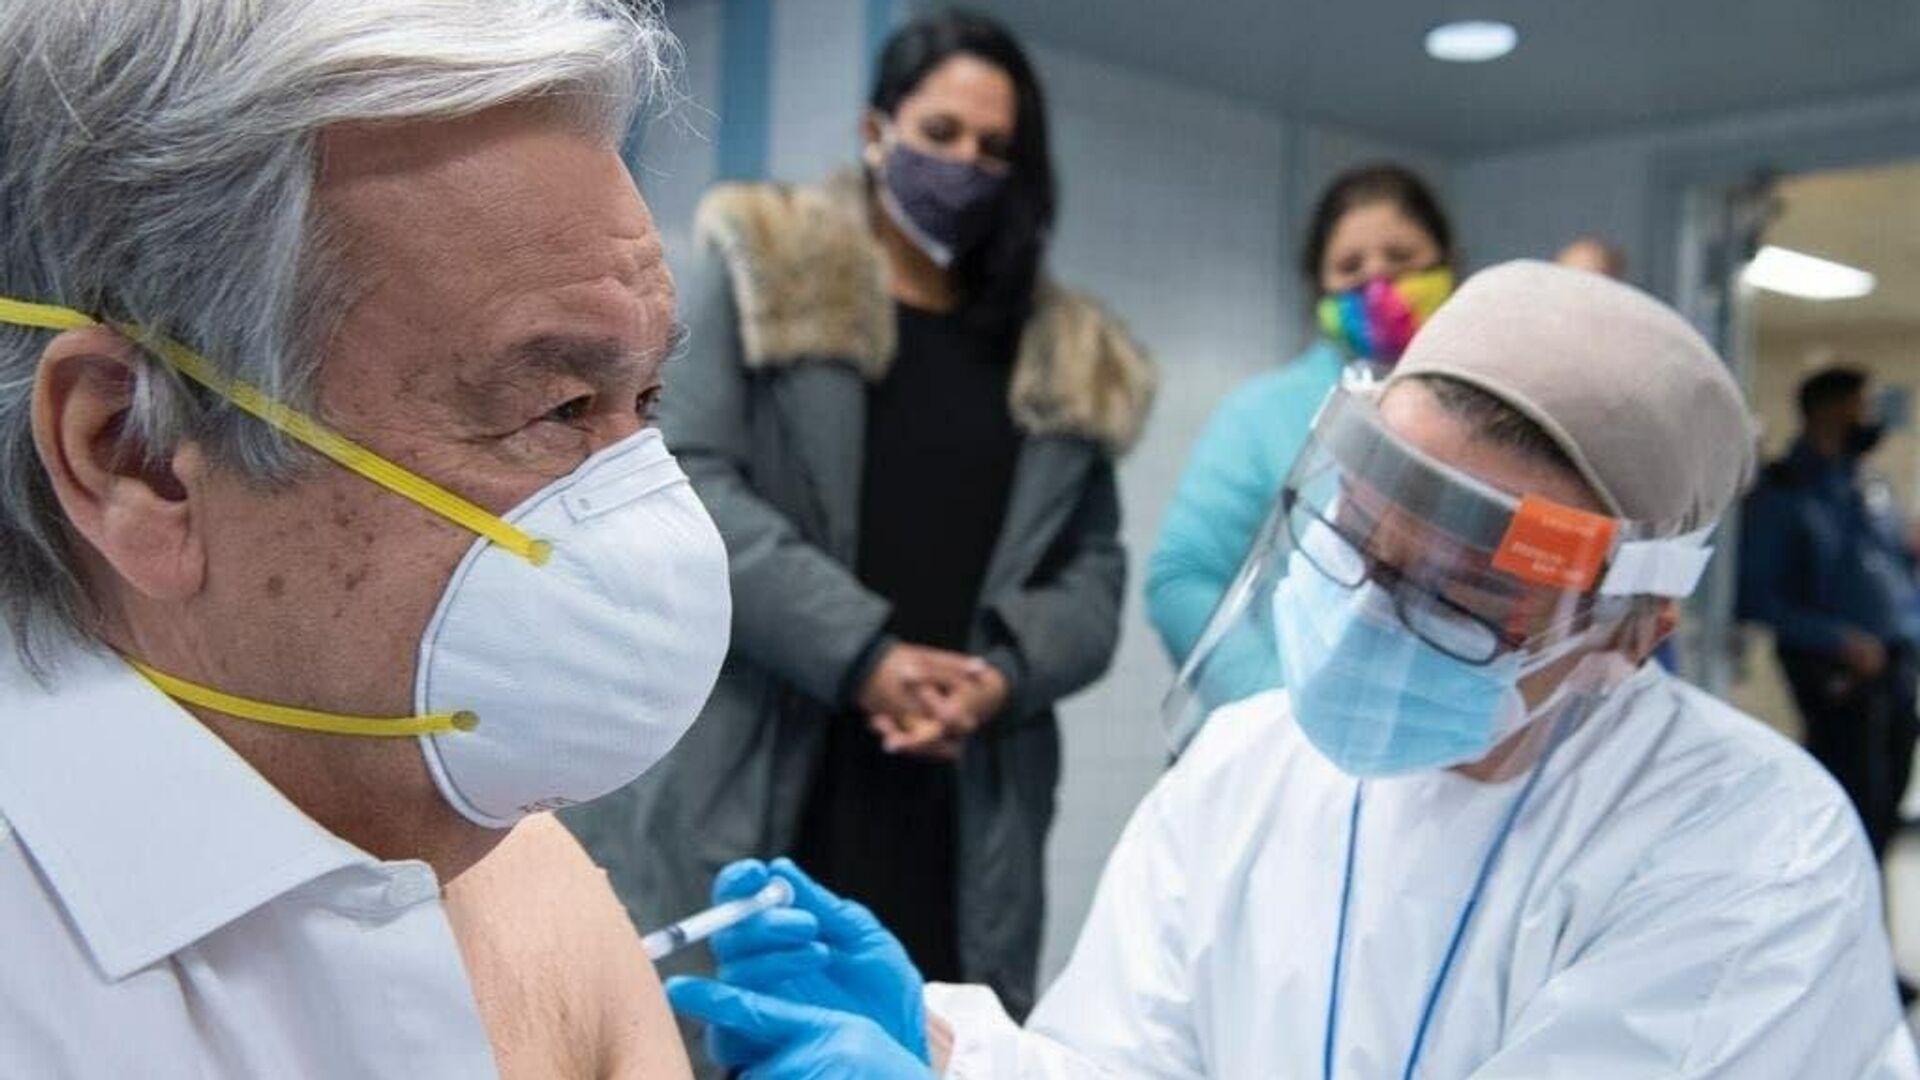 Генеральный секретарь ООН Антониу Гутерреш привился от коронавируса вакциной компании Moderna - РИА Новости, 1920, 06.05.2021